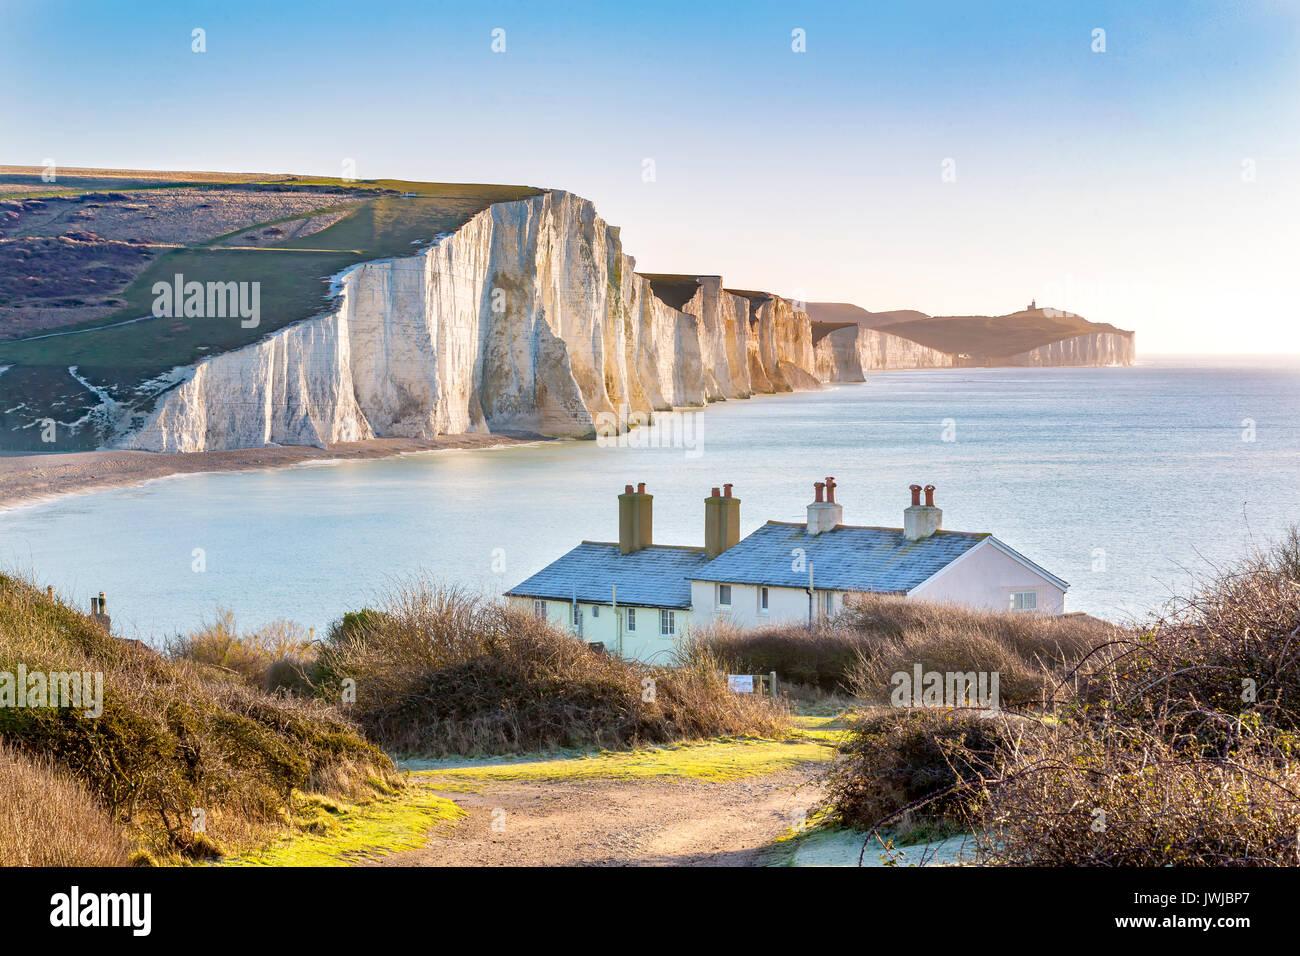 La Garde côtière Cottages & Sept Sœurs des falaises de craie juste en dehors de Eastbourne, Sussex, Angleterre, Royaume-Uni. Photo Stock